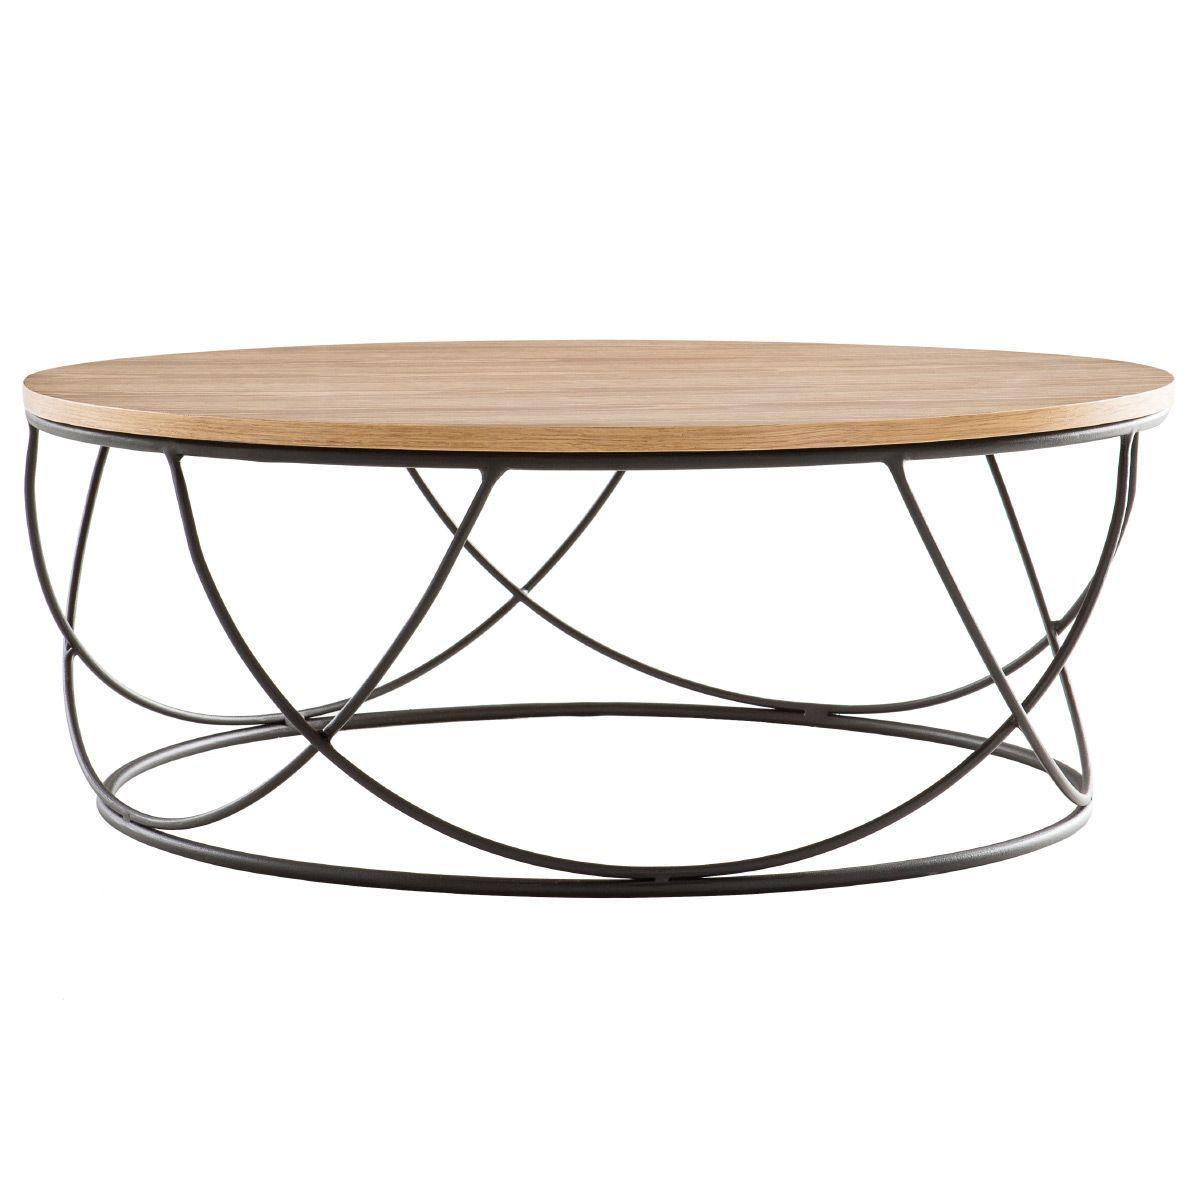 Table Basse Bois Et Metal Noir Ronde 80 Cm Lace Taille S